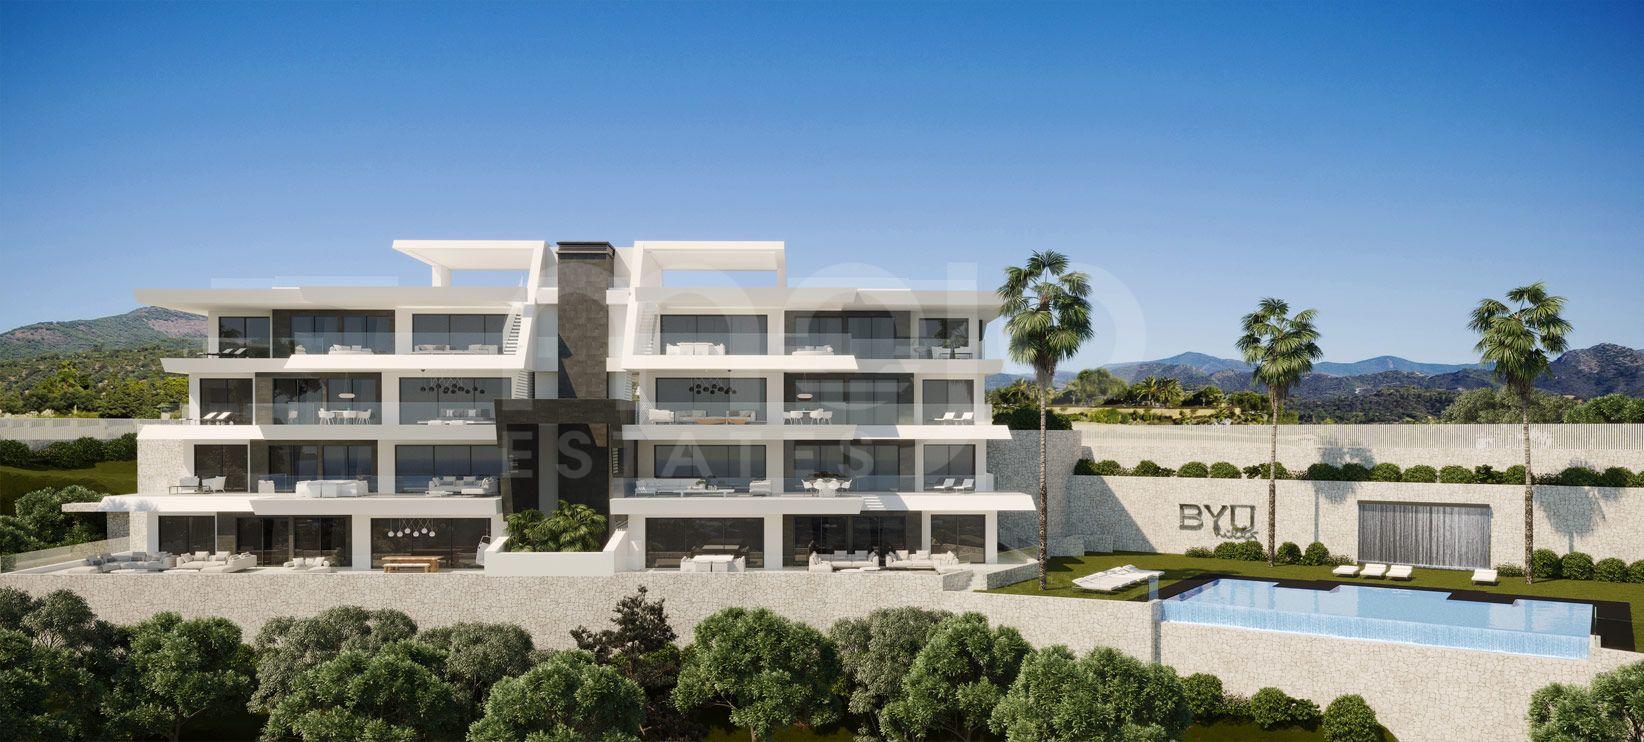 BYU HILLS es una perla en la Costa del Sol, que consta de 24 apartamentos repartidos en tres edificios